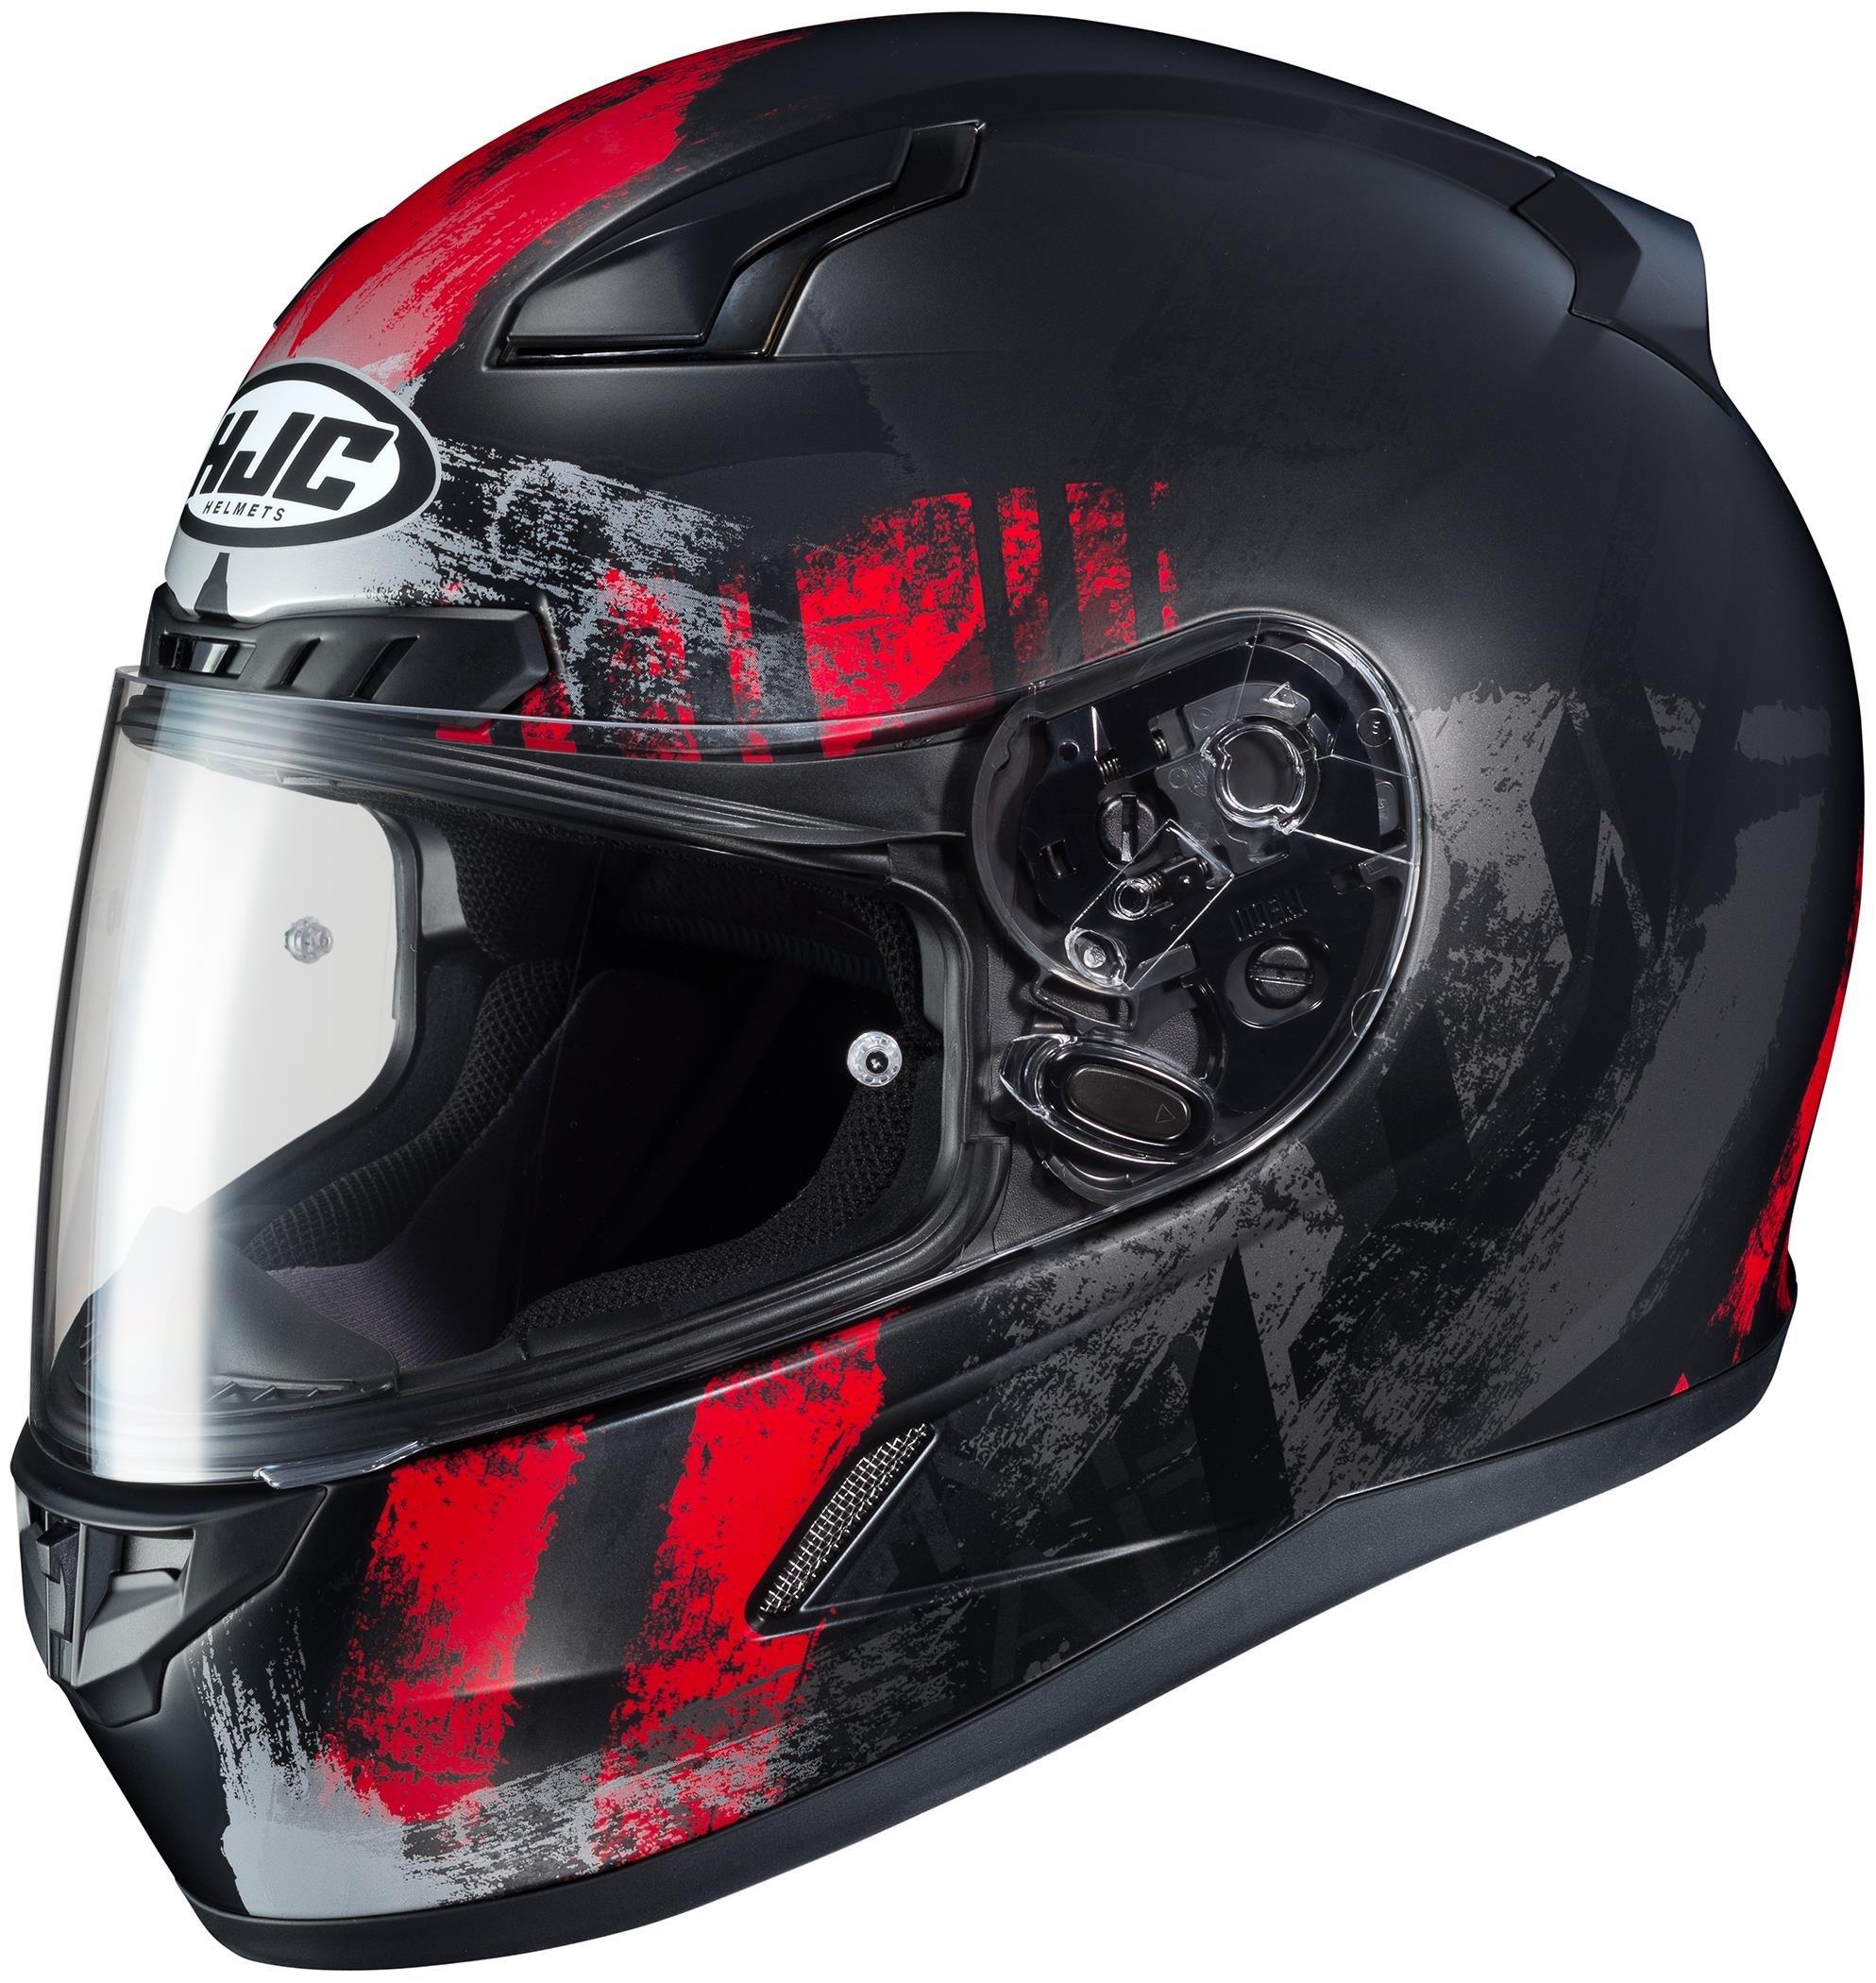 HJC XF-10-0851-2731-04 CL-17 Arica Helmet (MC-1SF, Small) by HJC Helmets